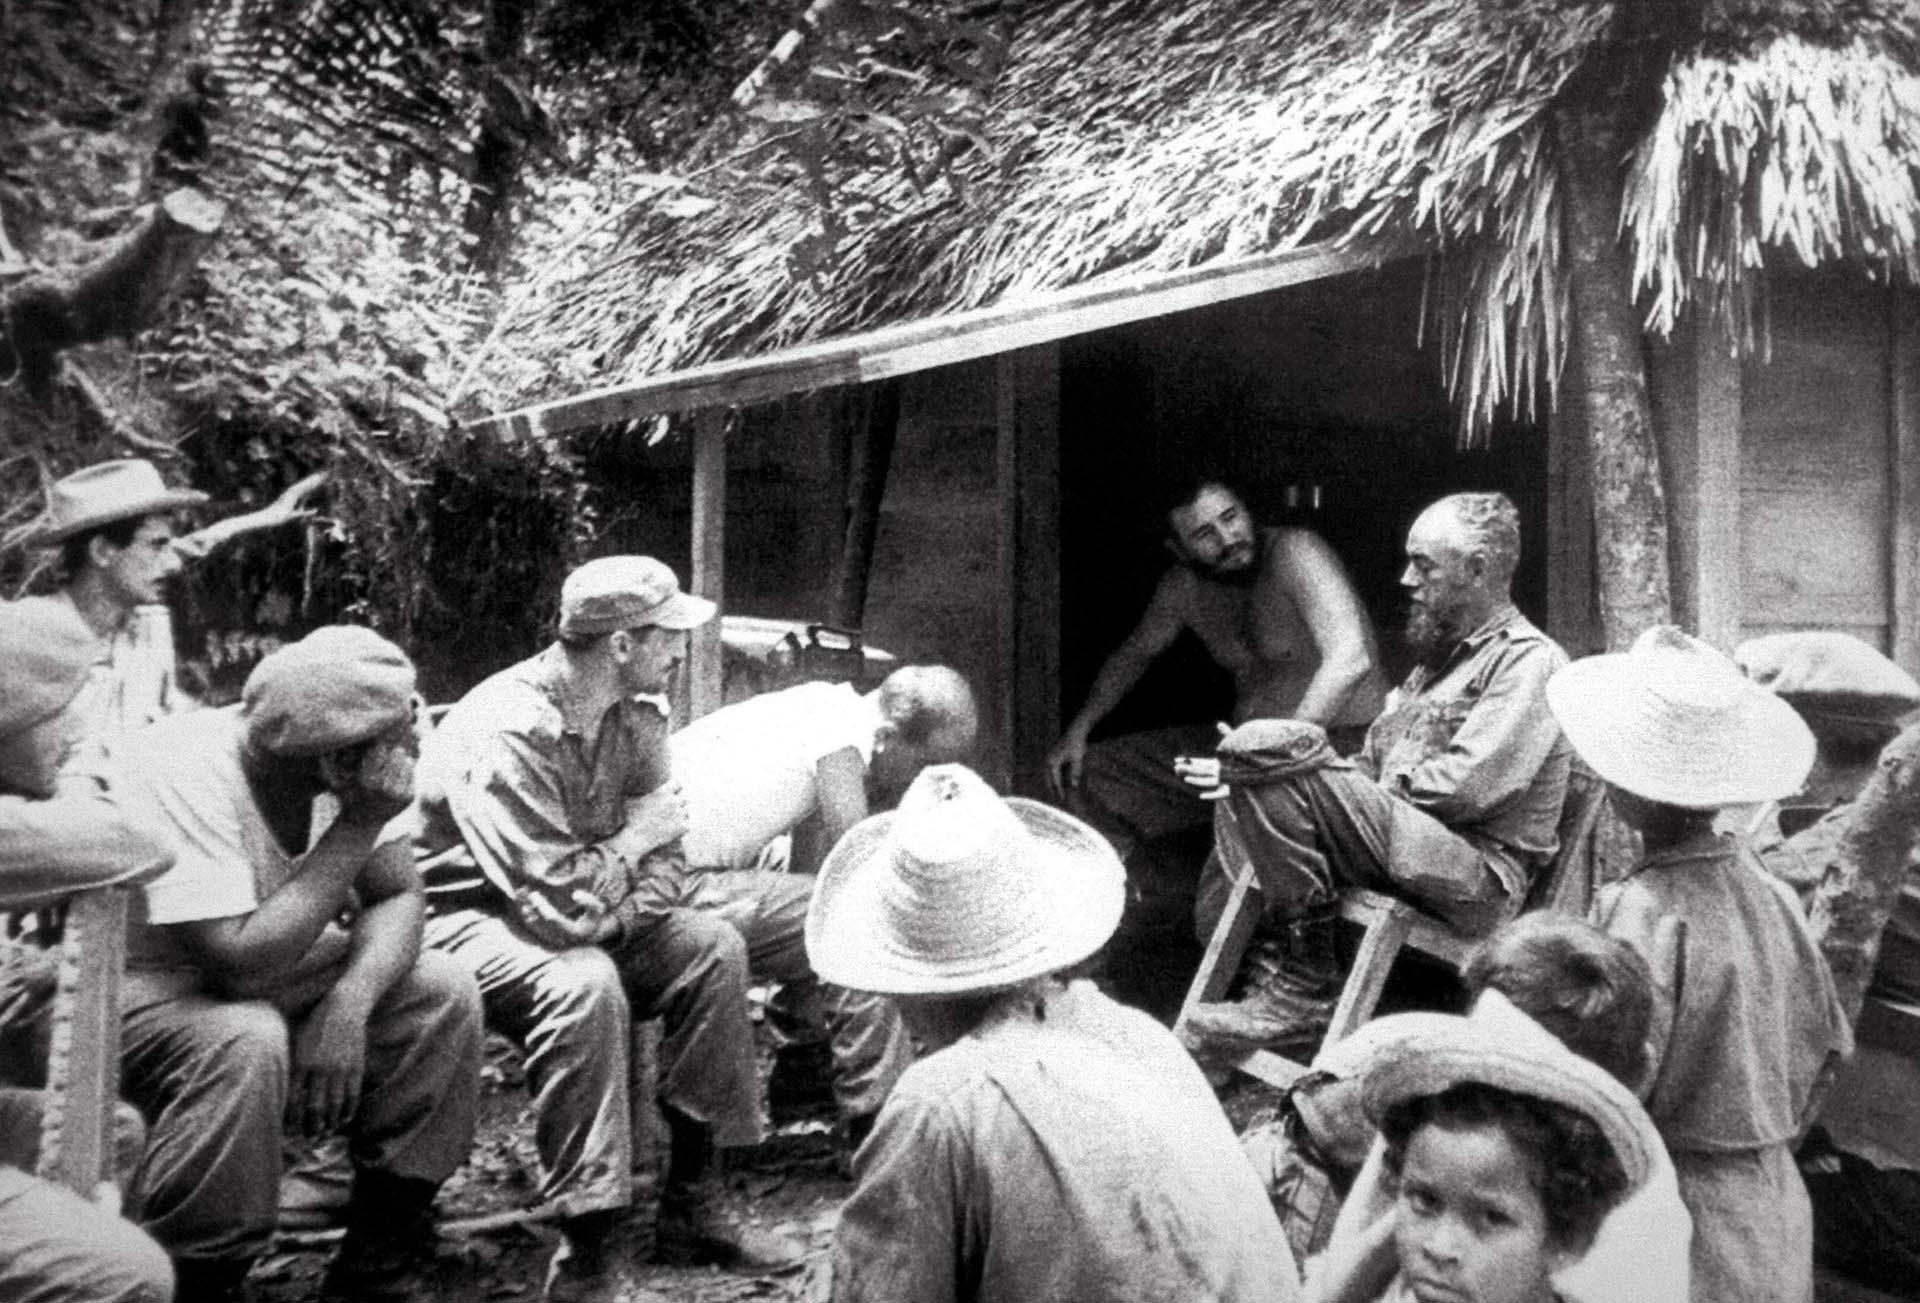 Fidel Castro, sin camiseta, conversa con milicianos y granjeros durante los días de la reforma agraria y la expropiación de tierras, en mayo de 1959